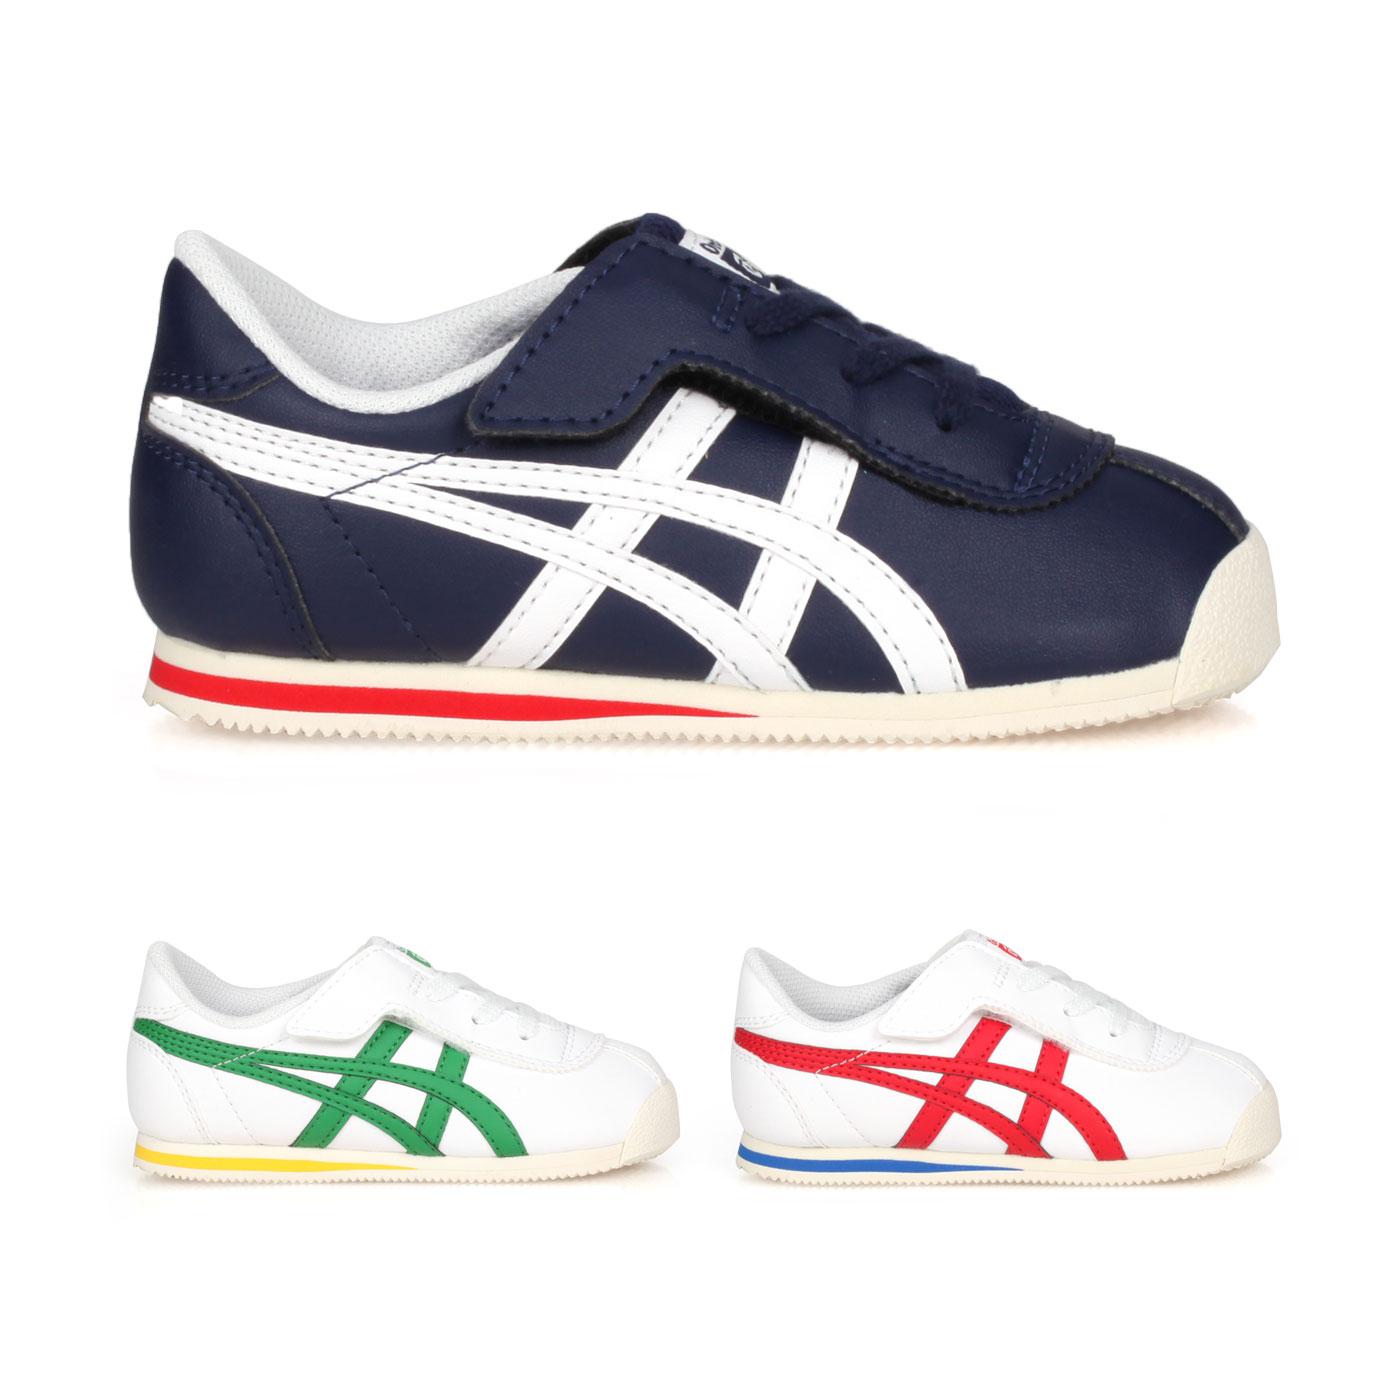 ASICS 小童運動鞋  @TIGER CORSAIR TS@1184A050-400